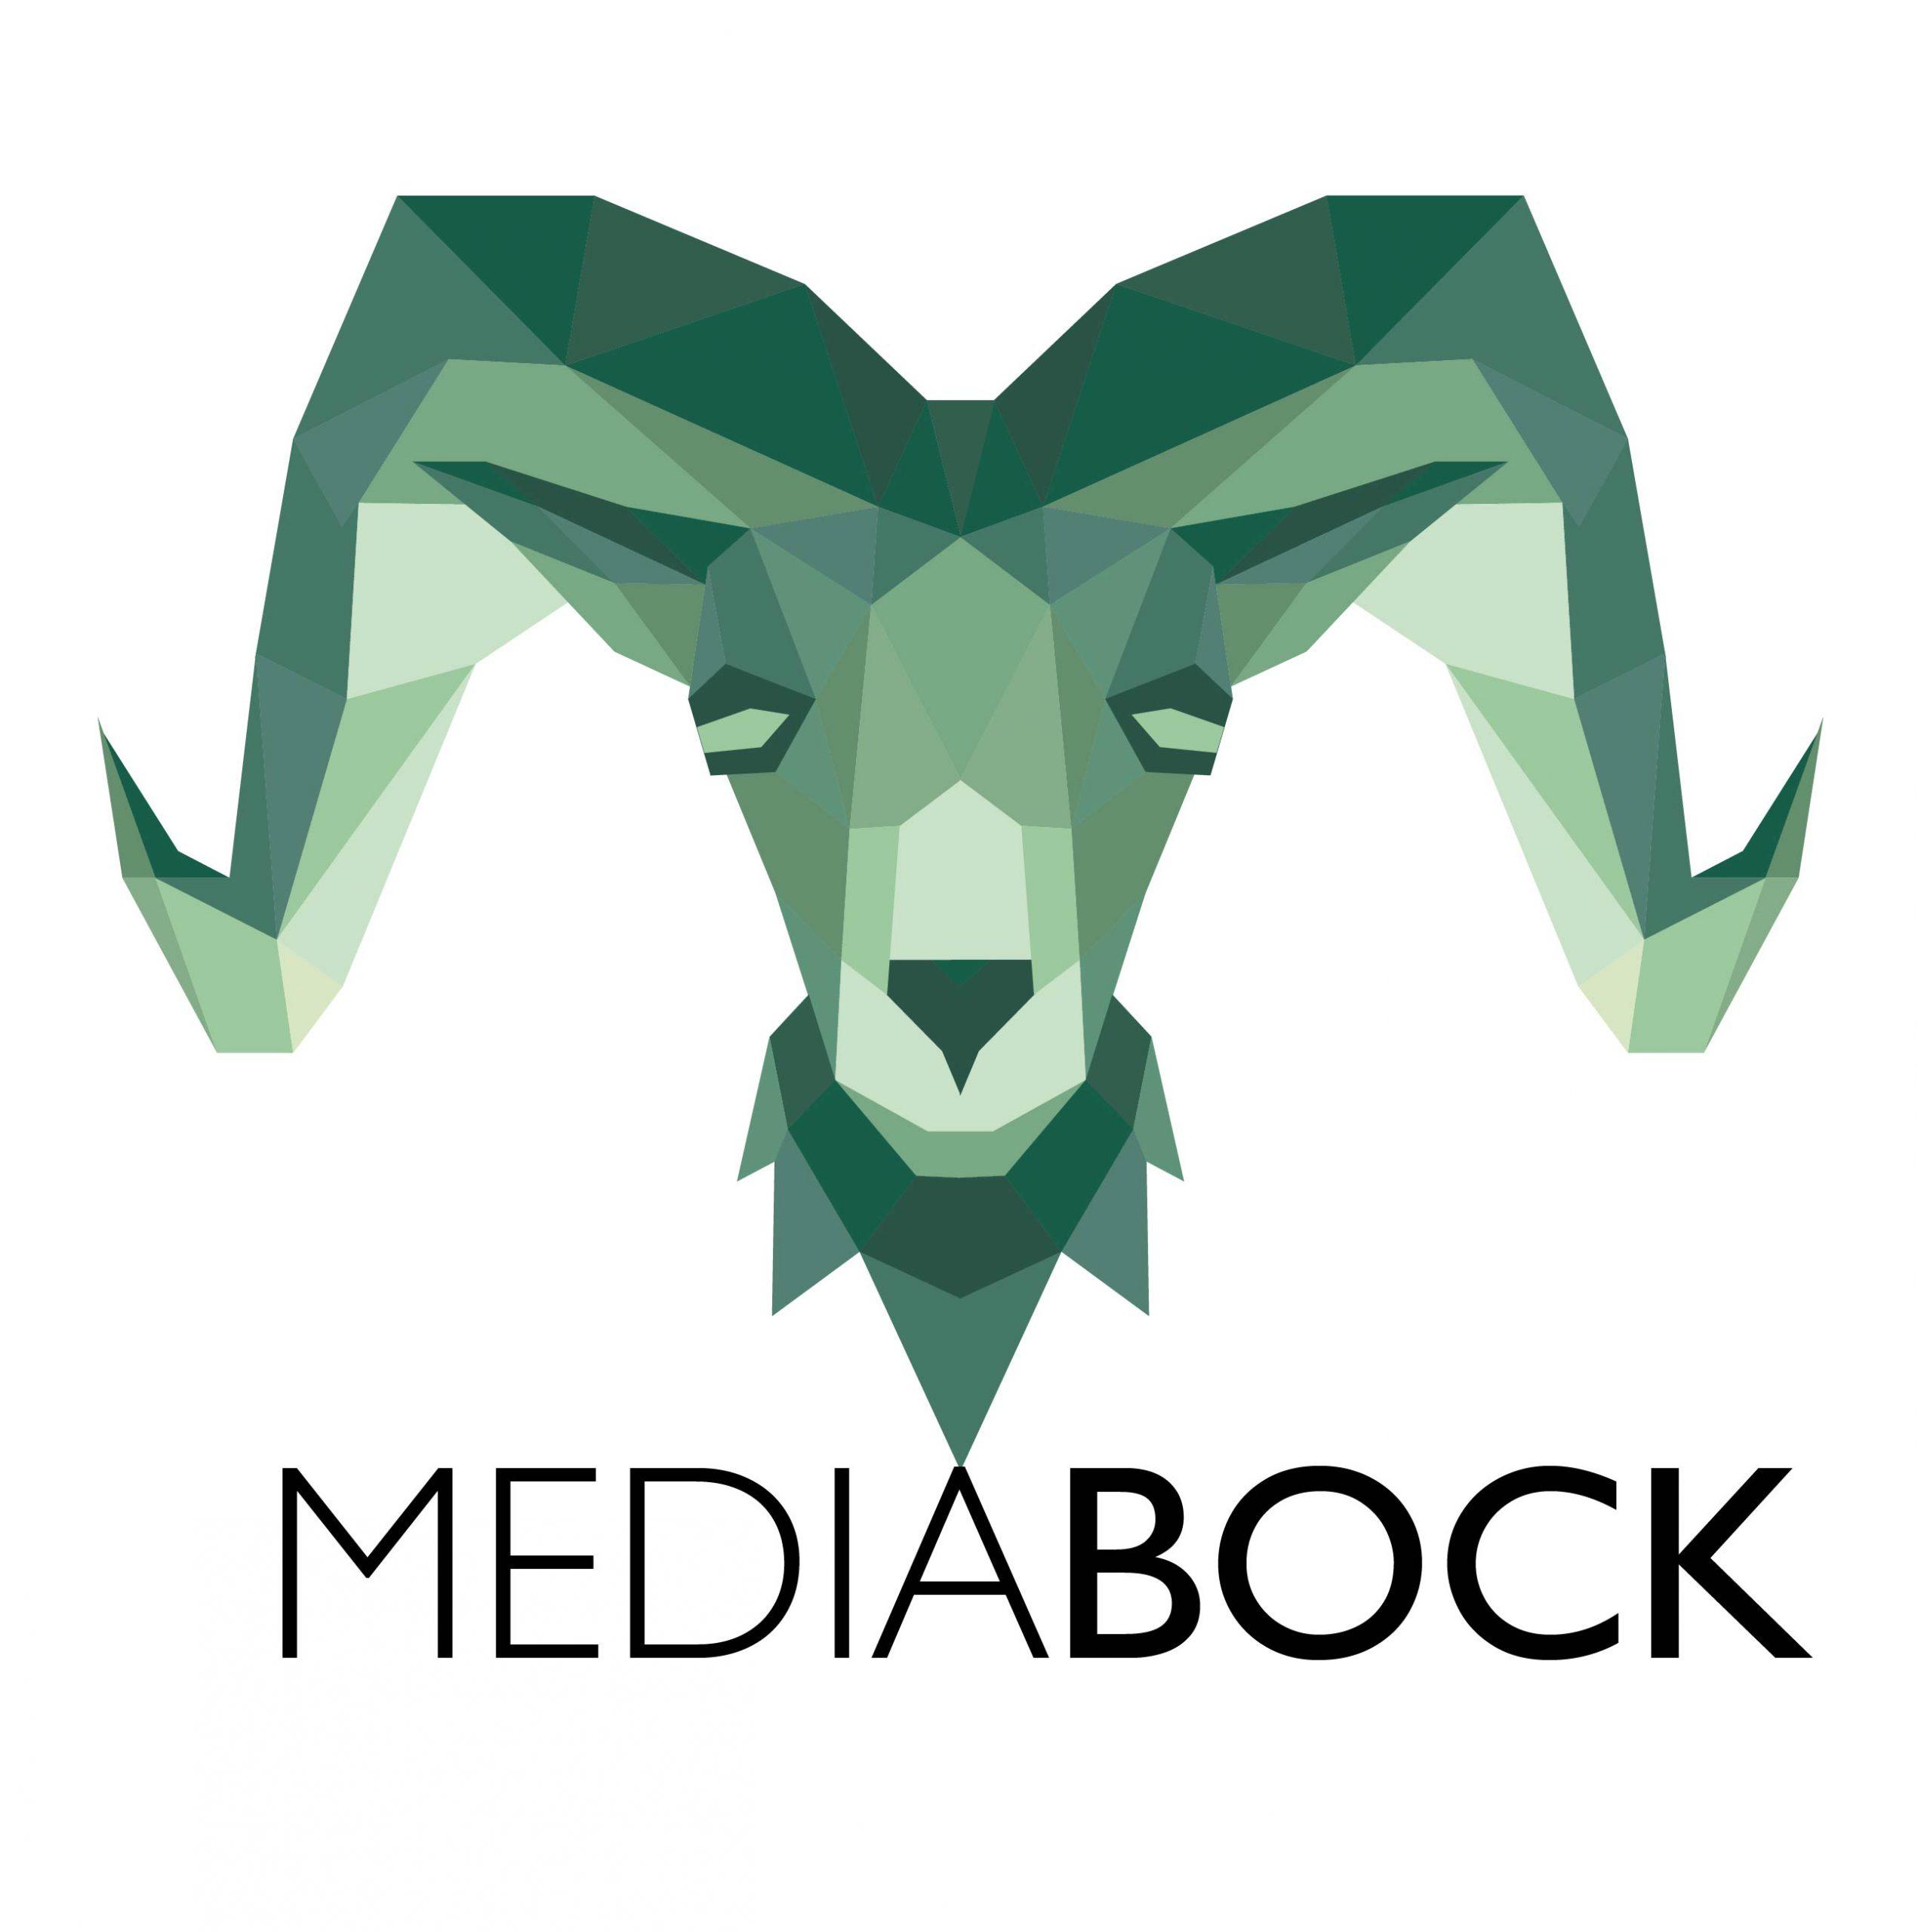 Mediabock